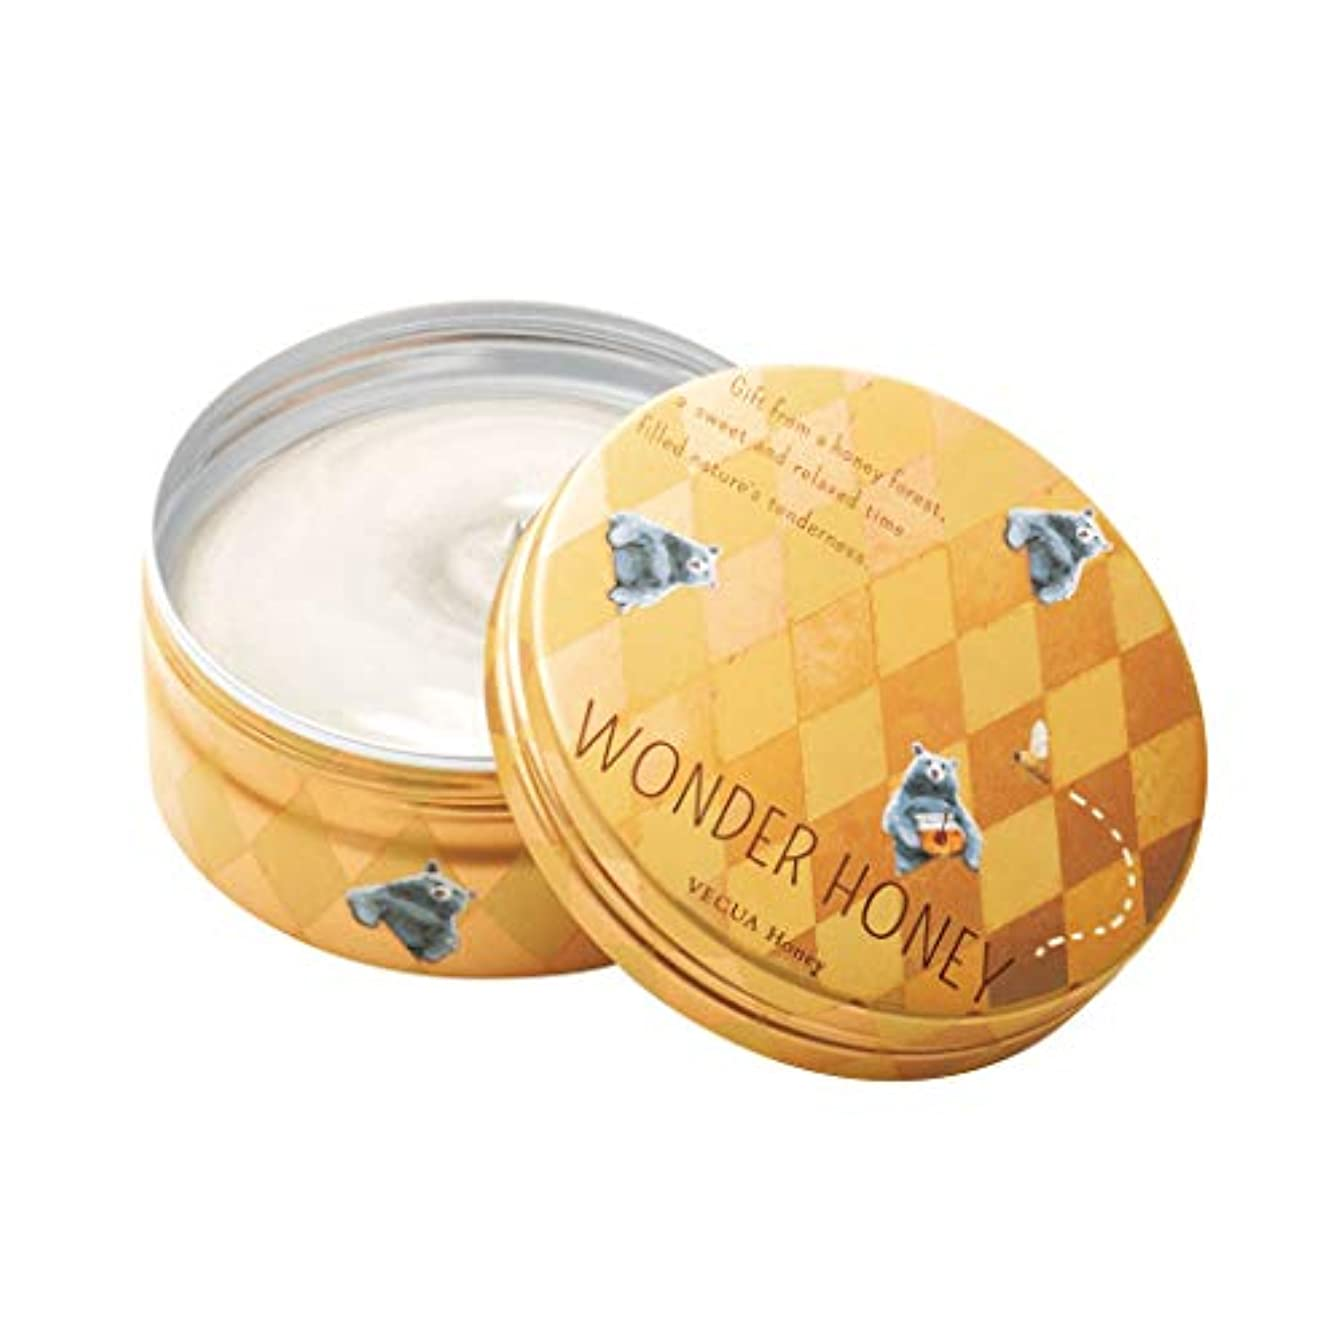 プロテスタントそれに応じて物理ベキュア ハニー(VECUA Honey) ワンダーハニー 濃蜜マルシェのクリームバーム アーガイル 75g